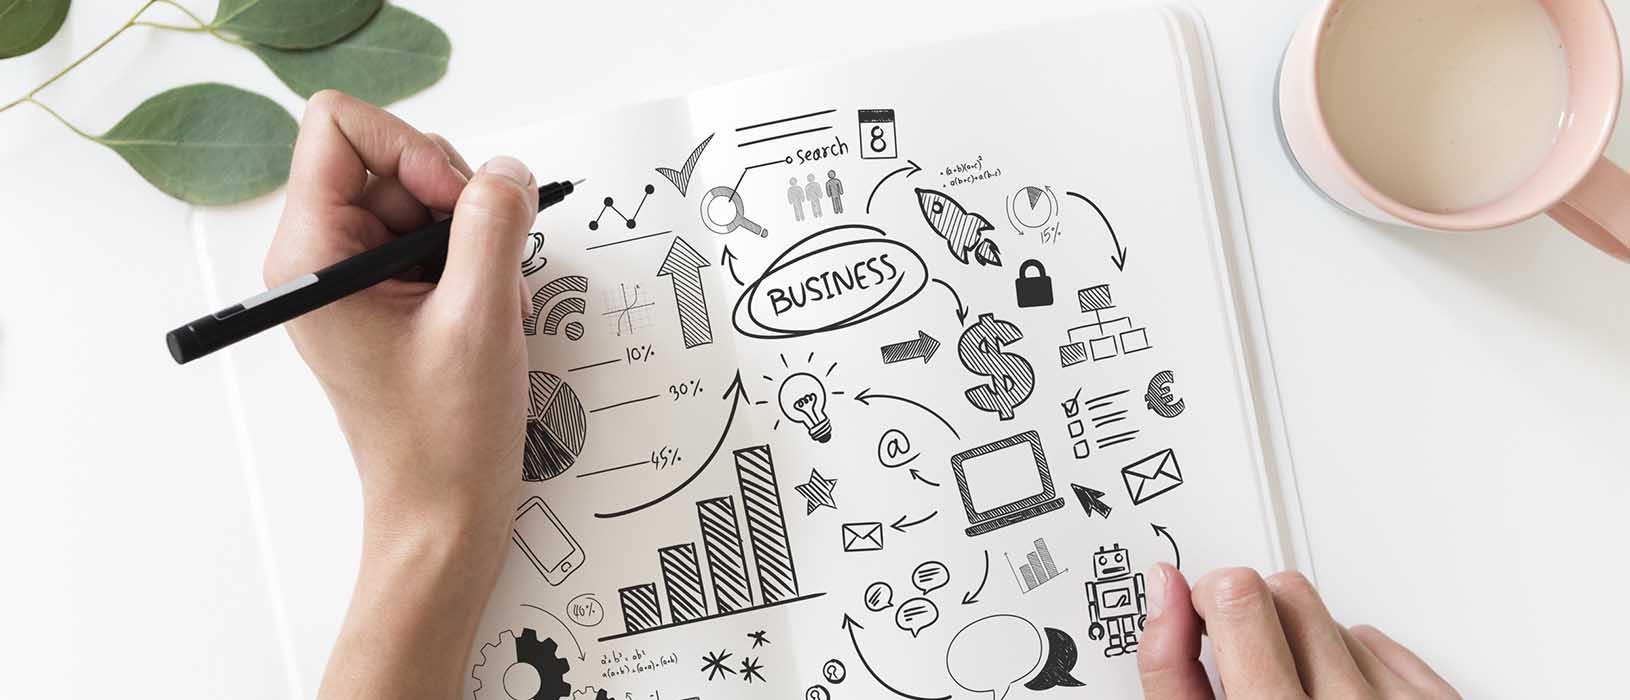 Mit der richtigen Finanzierungsmöglichkeit kann Ihr Start-up durchstarten. Foto: Pixabay